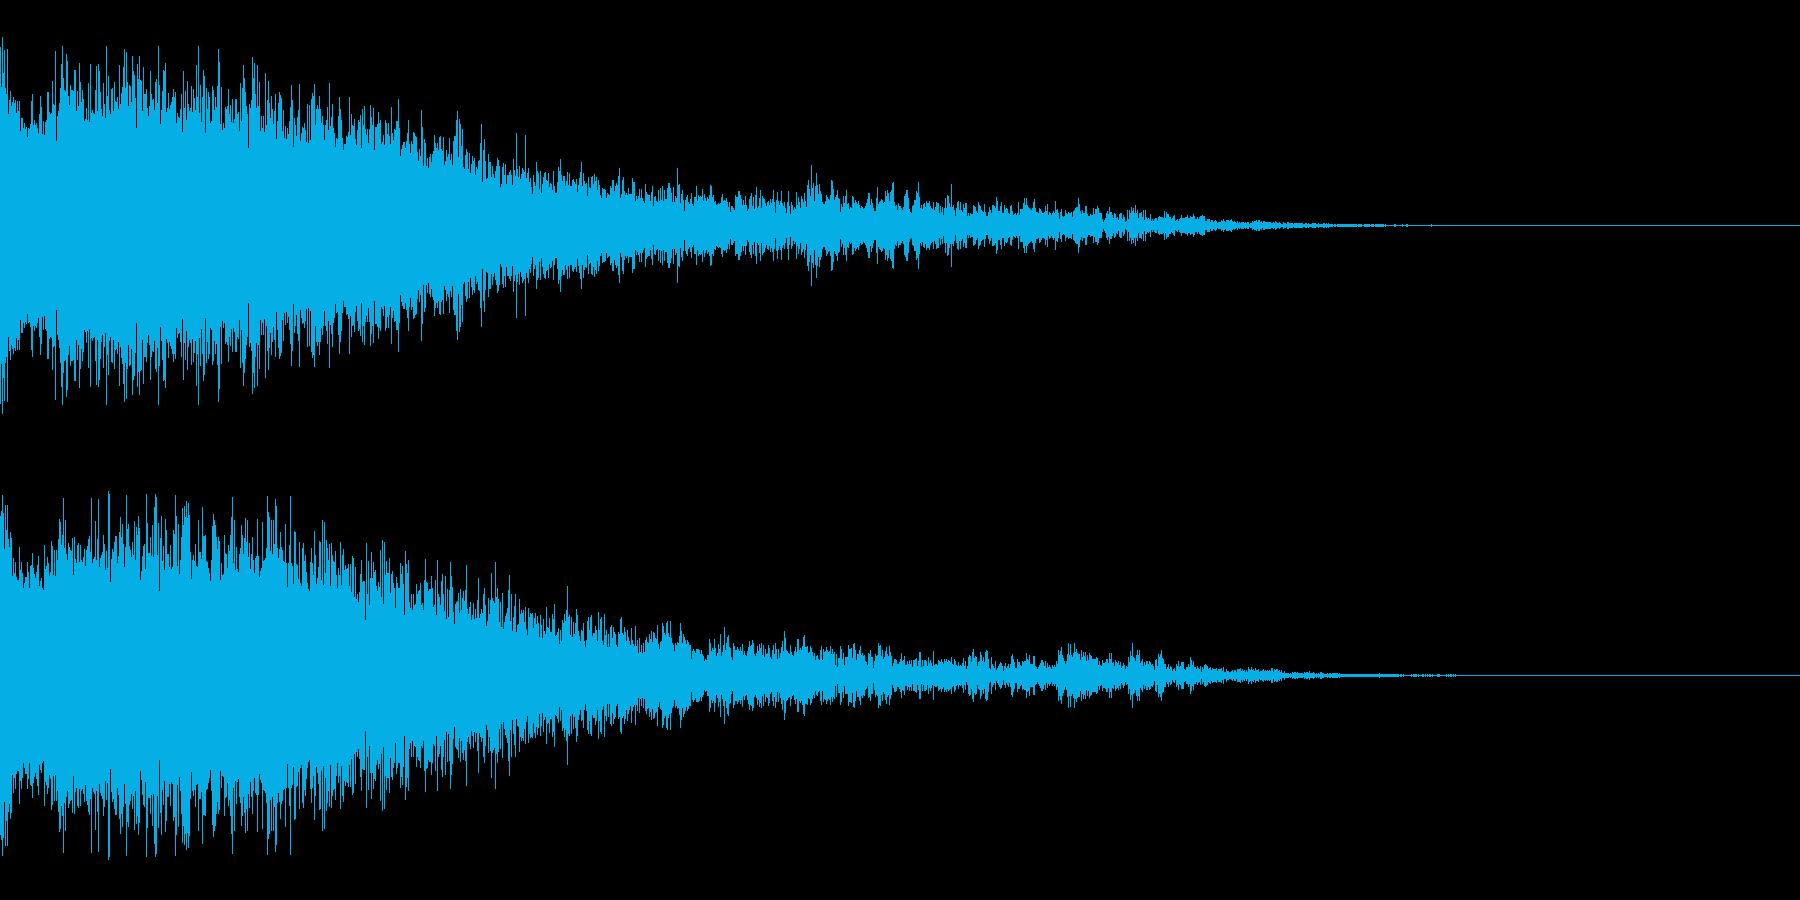 Dark_Sweepdown-02の再生済みの波形